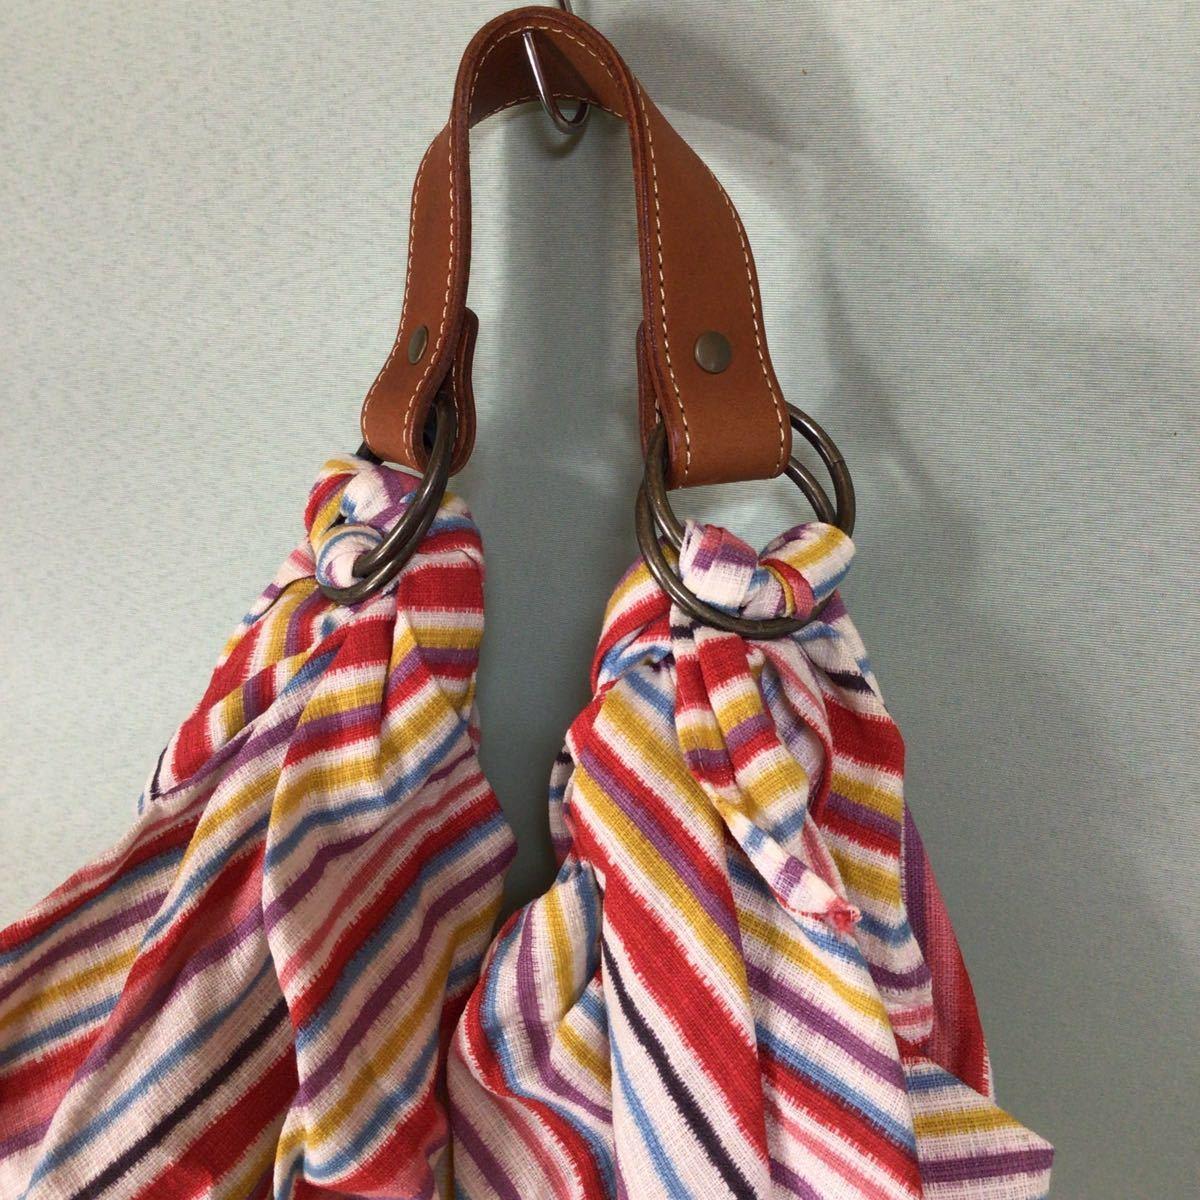 手提げ鞄 ハンドバッグ